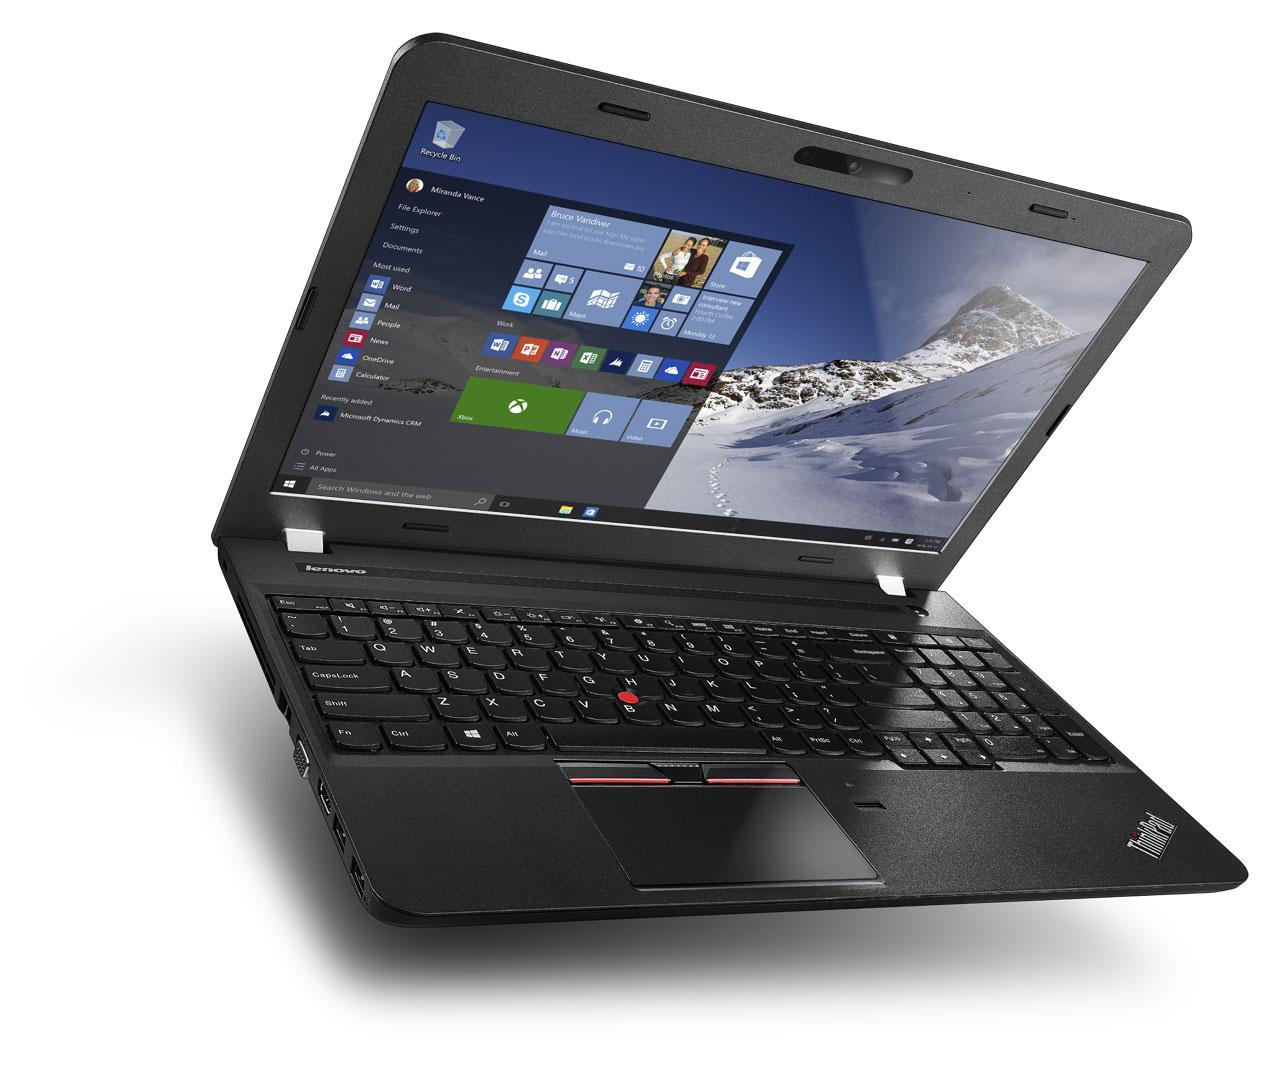 Laptop Lenovo ThinkPad E460 - Laptop cũ giá rẻ Hải Phòng